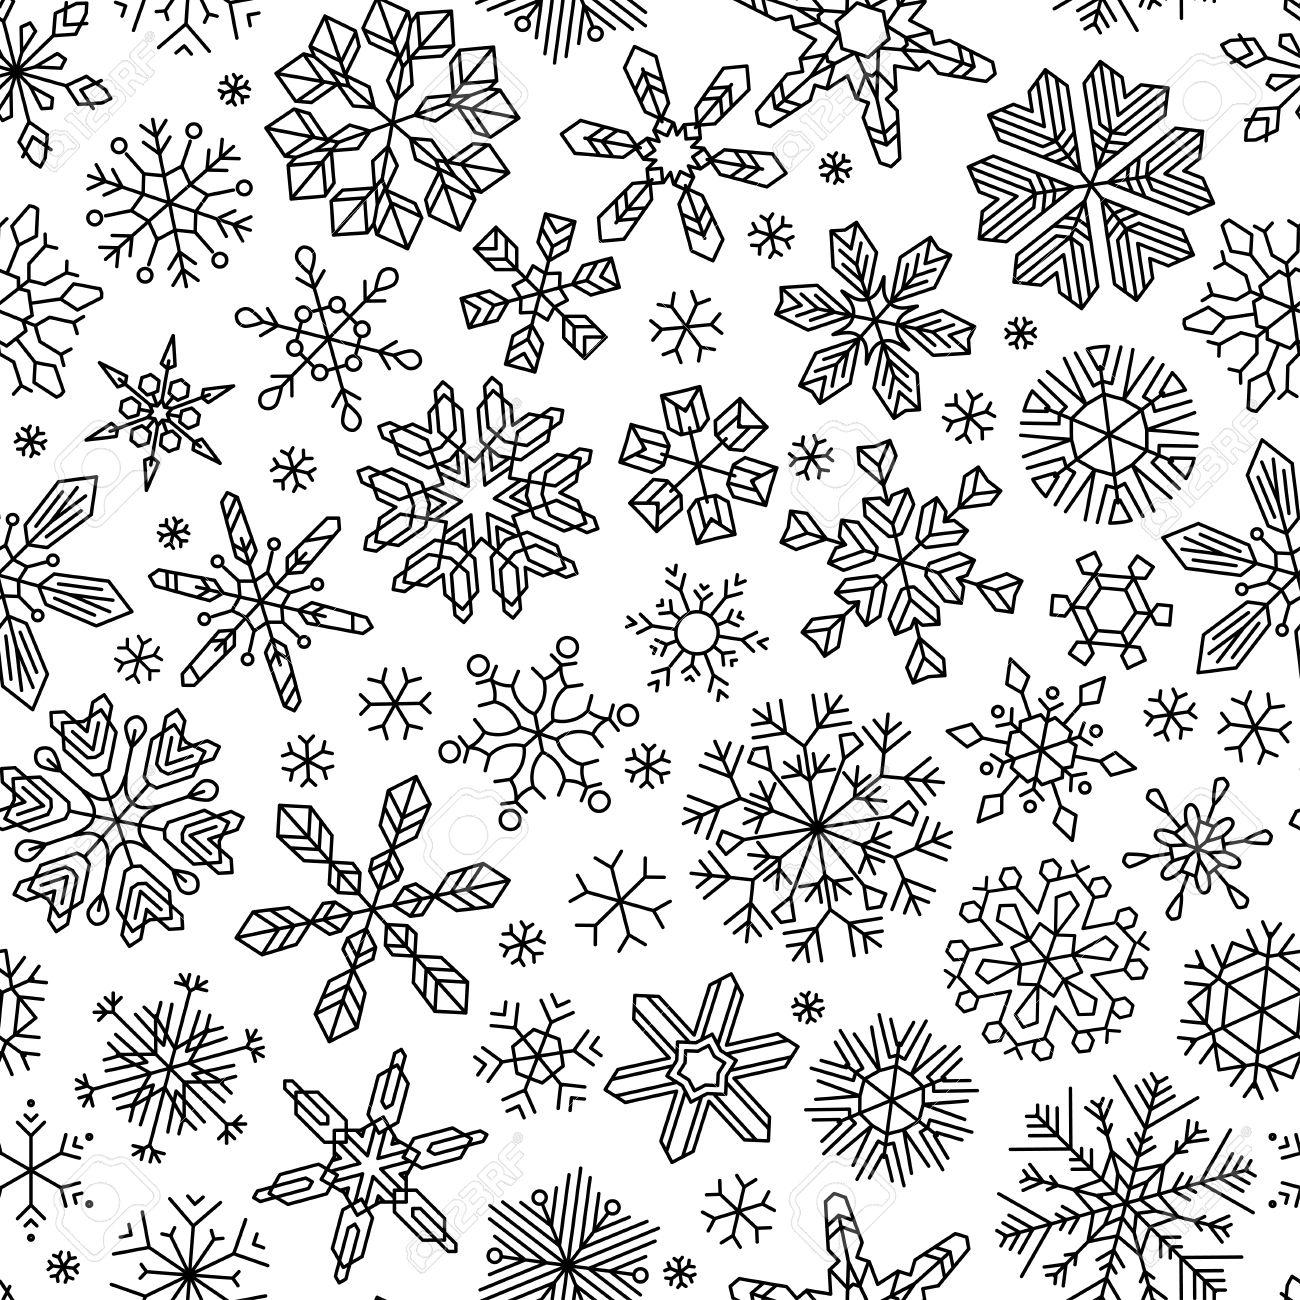 Fototapete Nahtlose Schneeflocken Muster